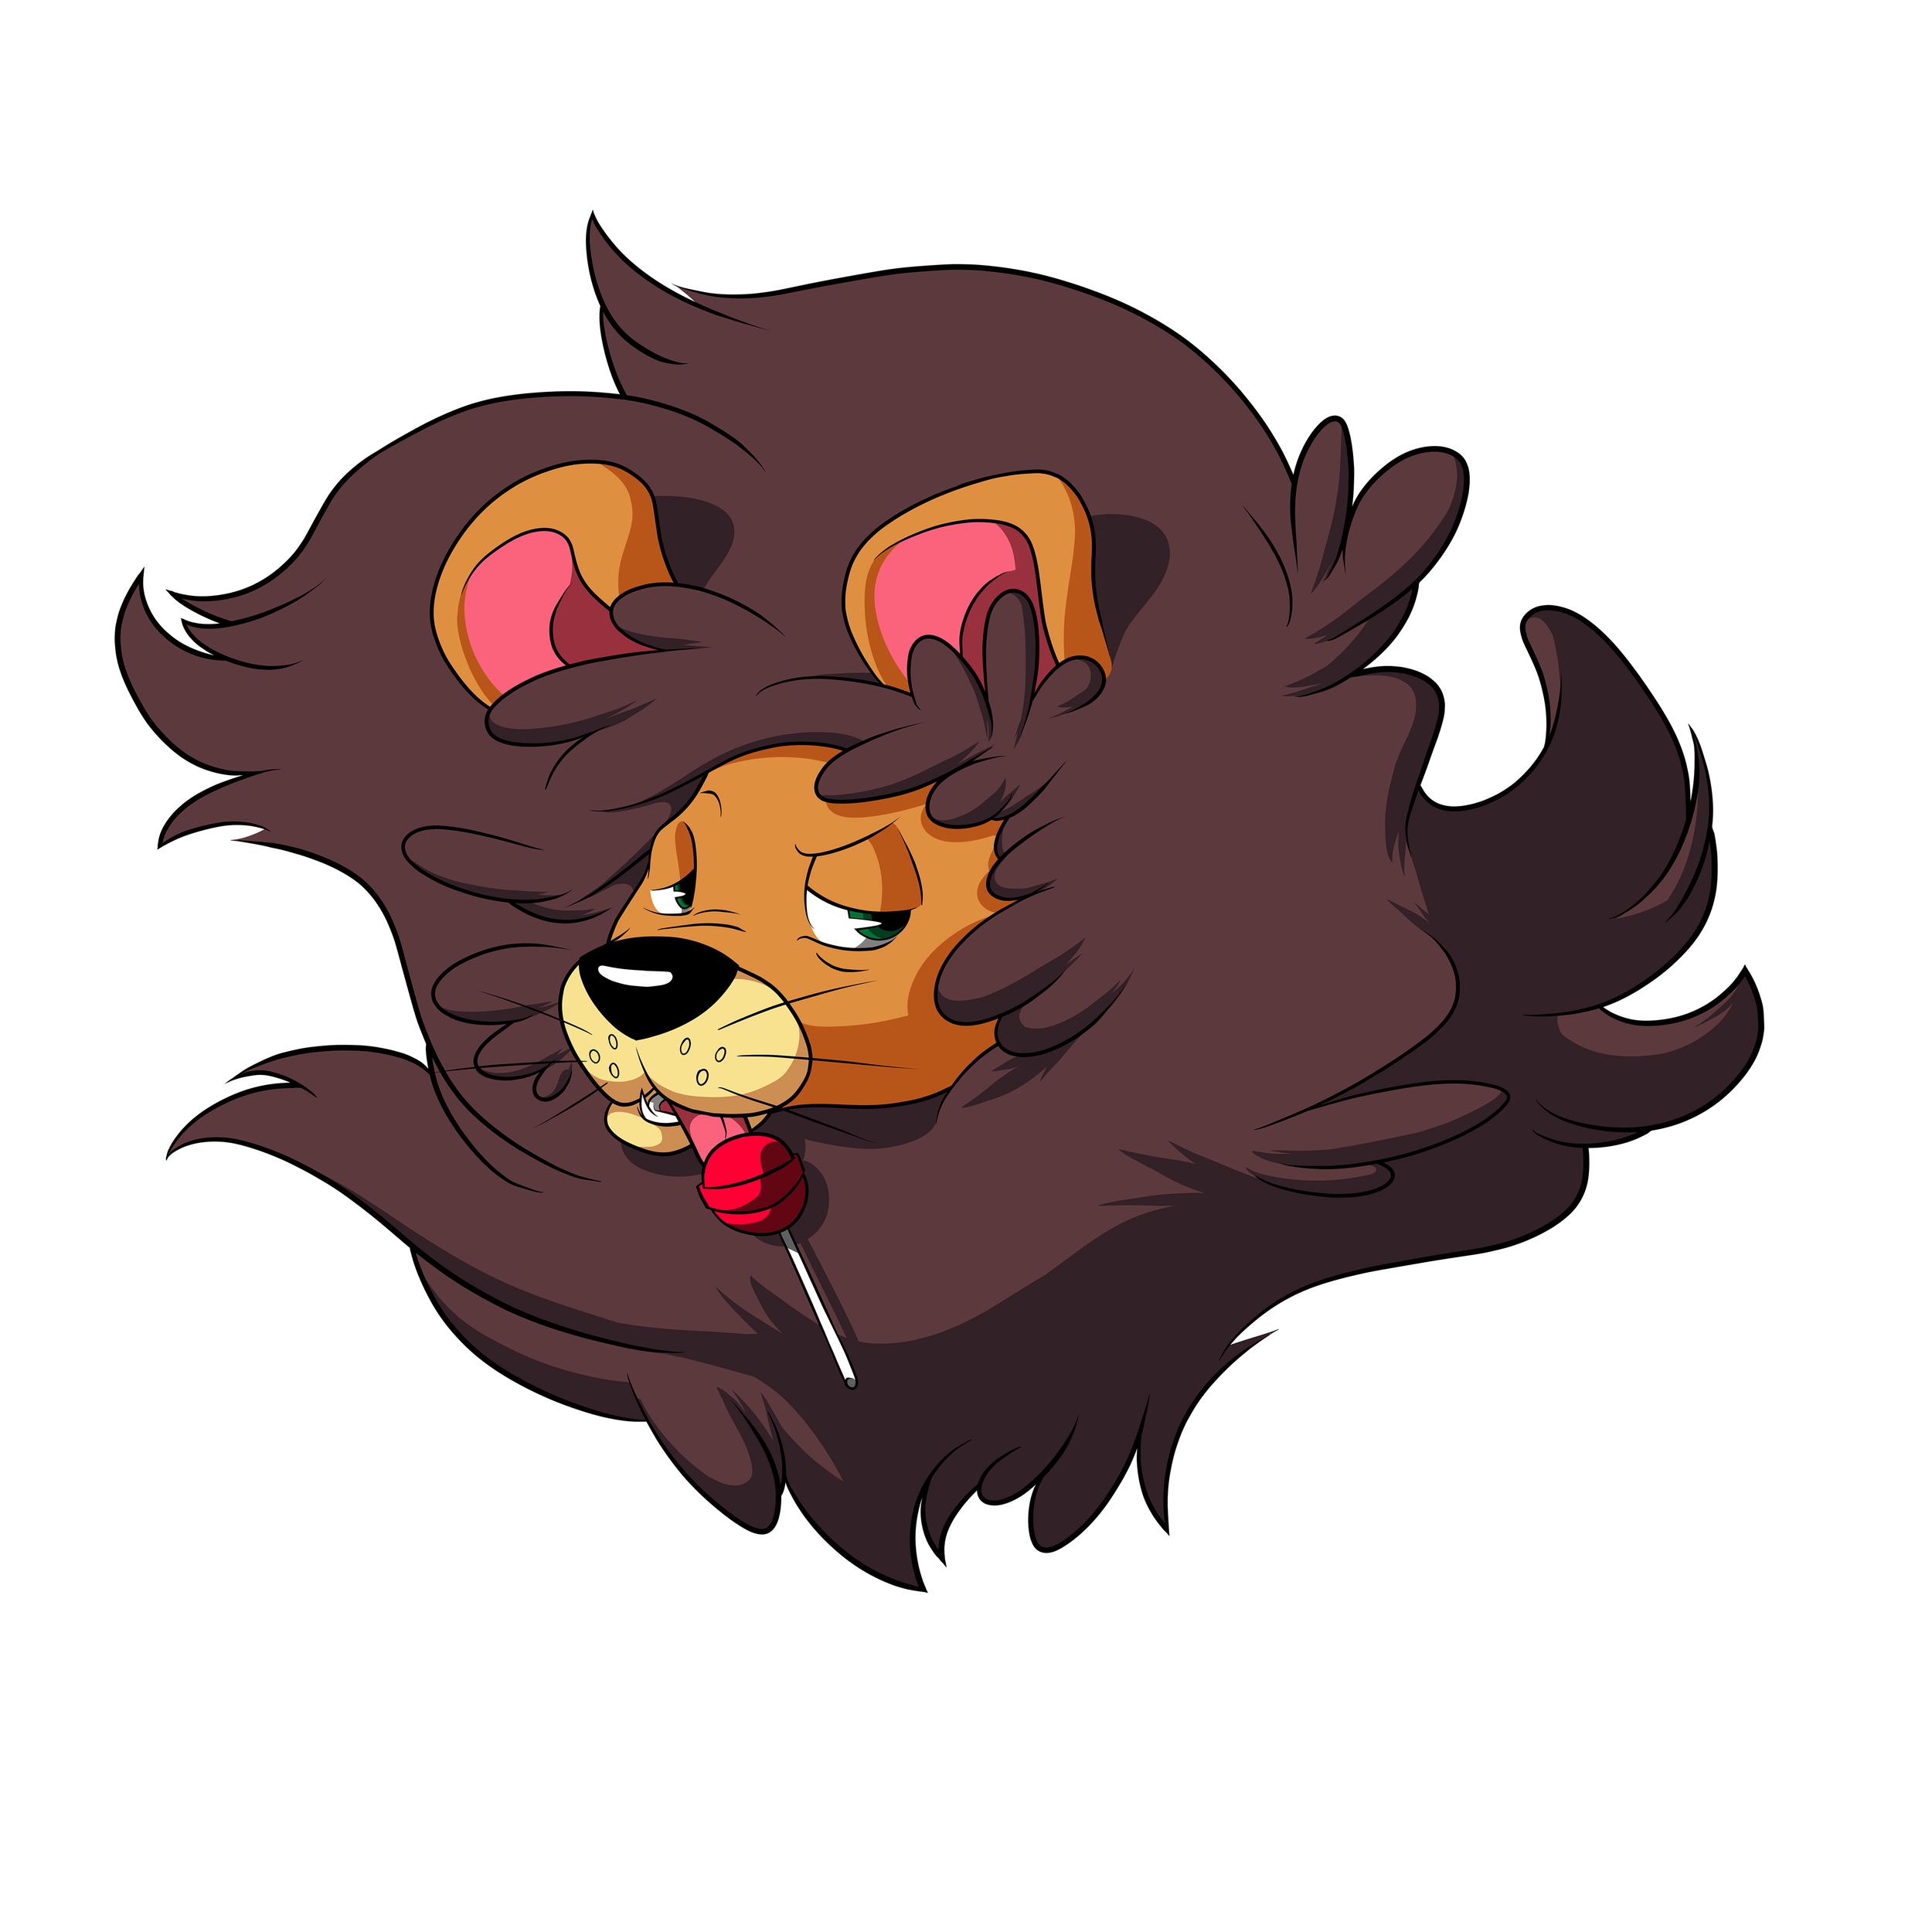 LION-FINAL.jpg